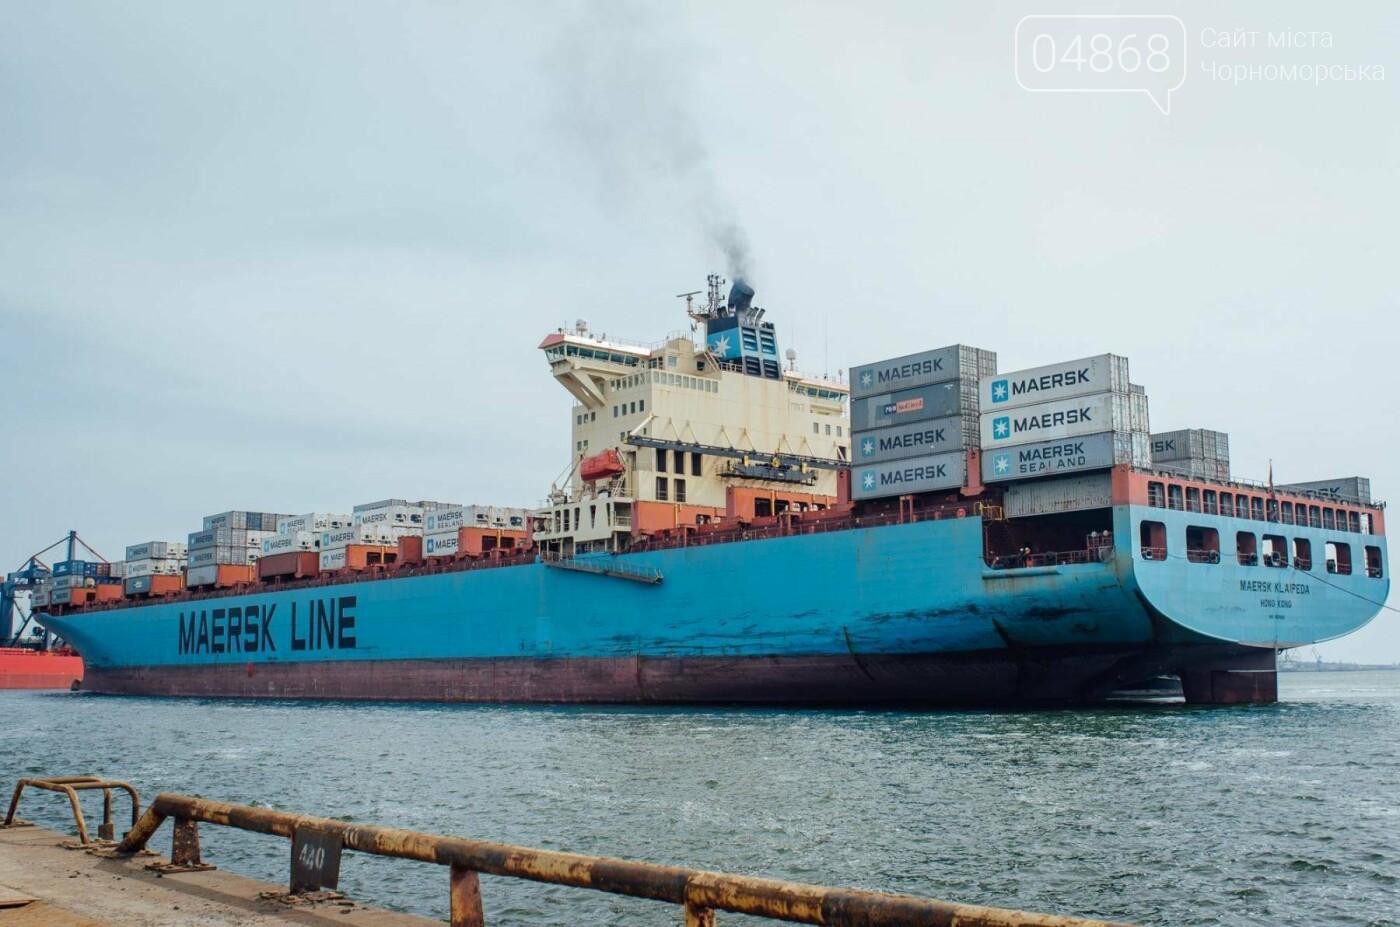 Контейнерный терминал ТИС принял первое судно нового сервиса Maersk, фото-2